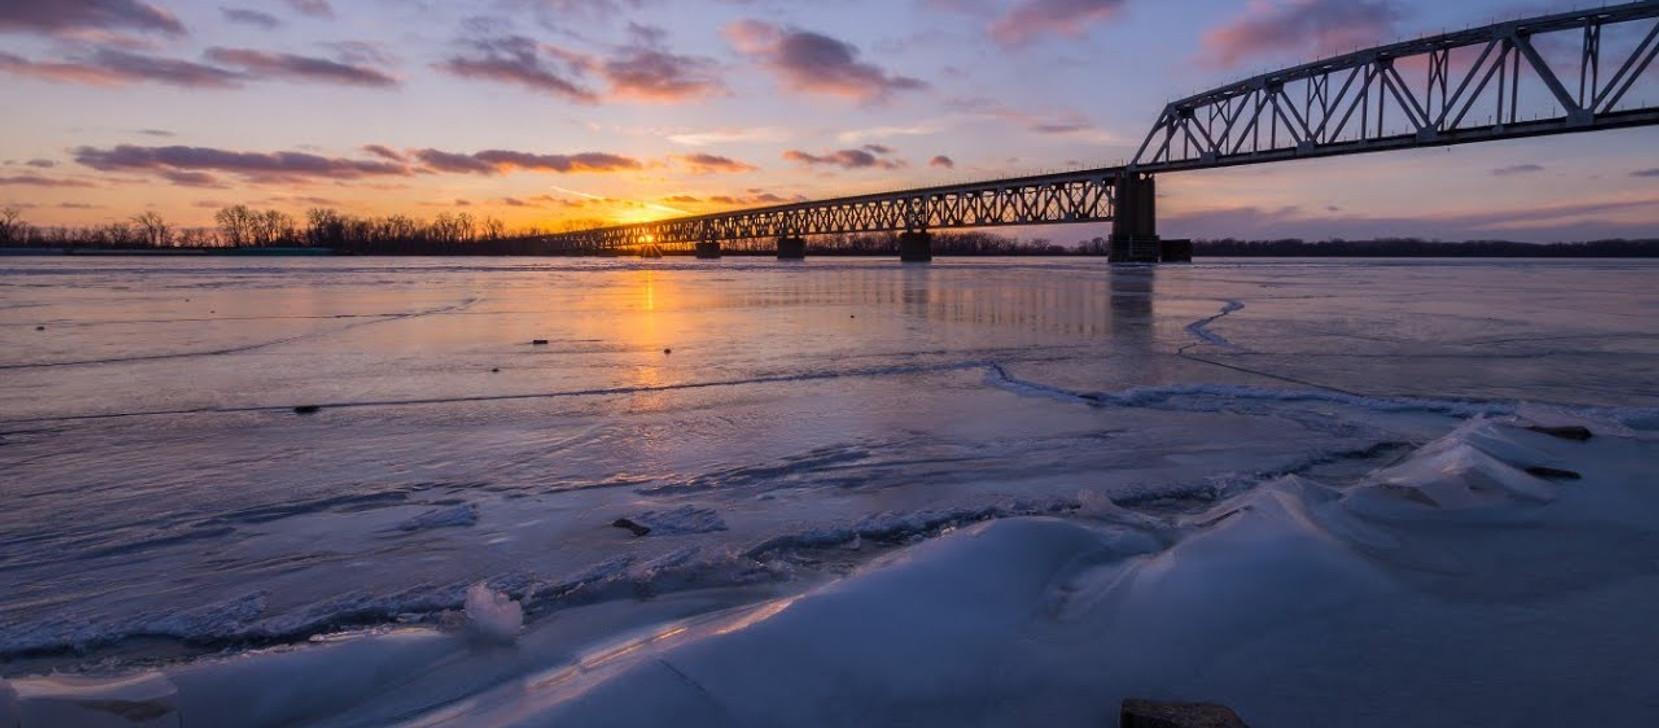 1-12-18 Quinsippi Island Train Bridge